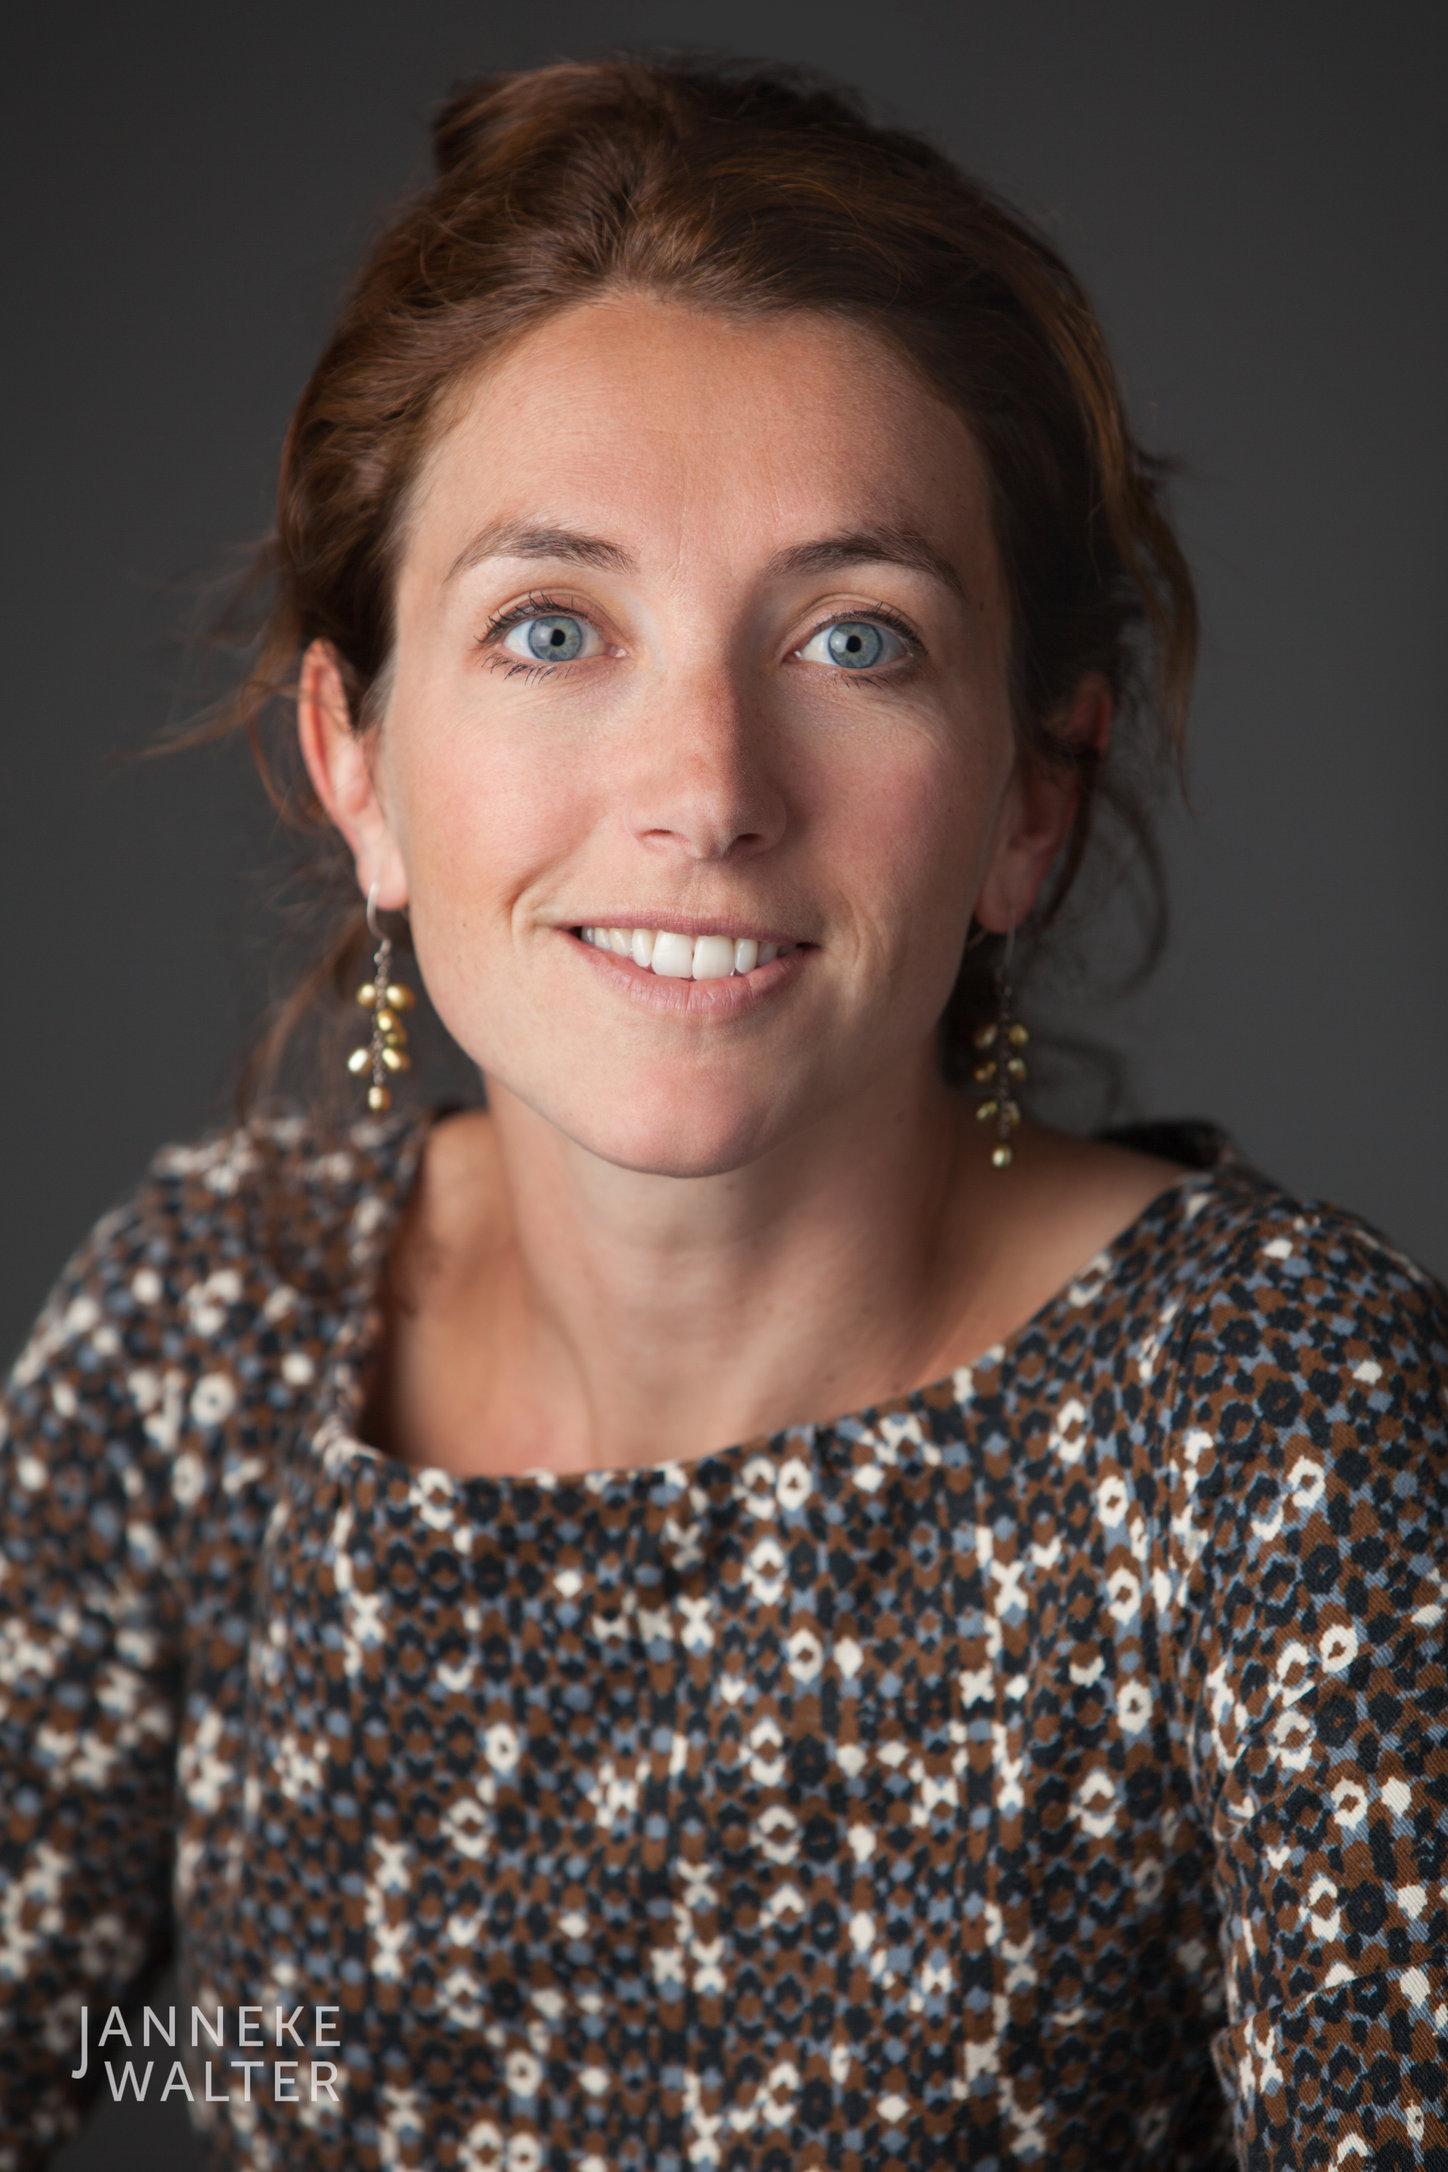 zakelijke portretfoto profielfoto vrouw 3 © Janneke Walter, portretfotograaf Utrecht, De Bilt, portretfotografie, sociale media, LinkedIn, CV